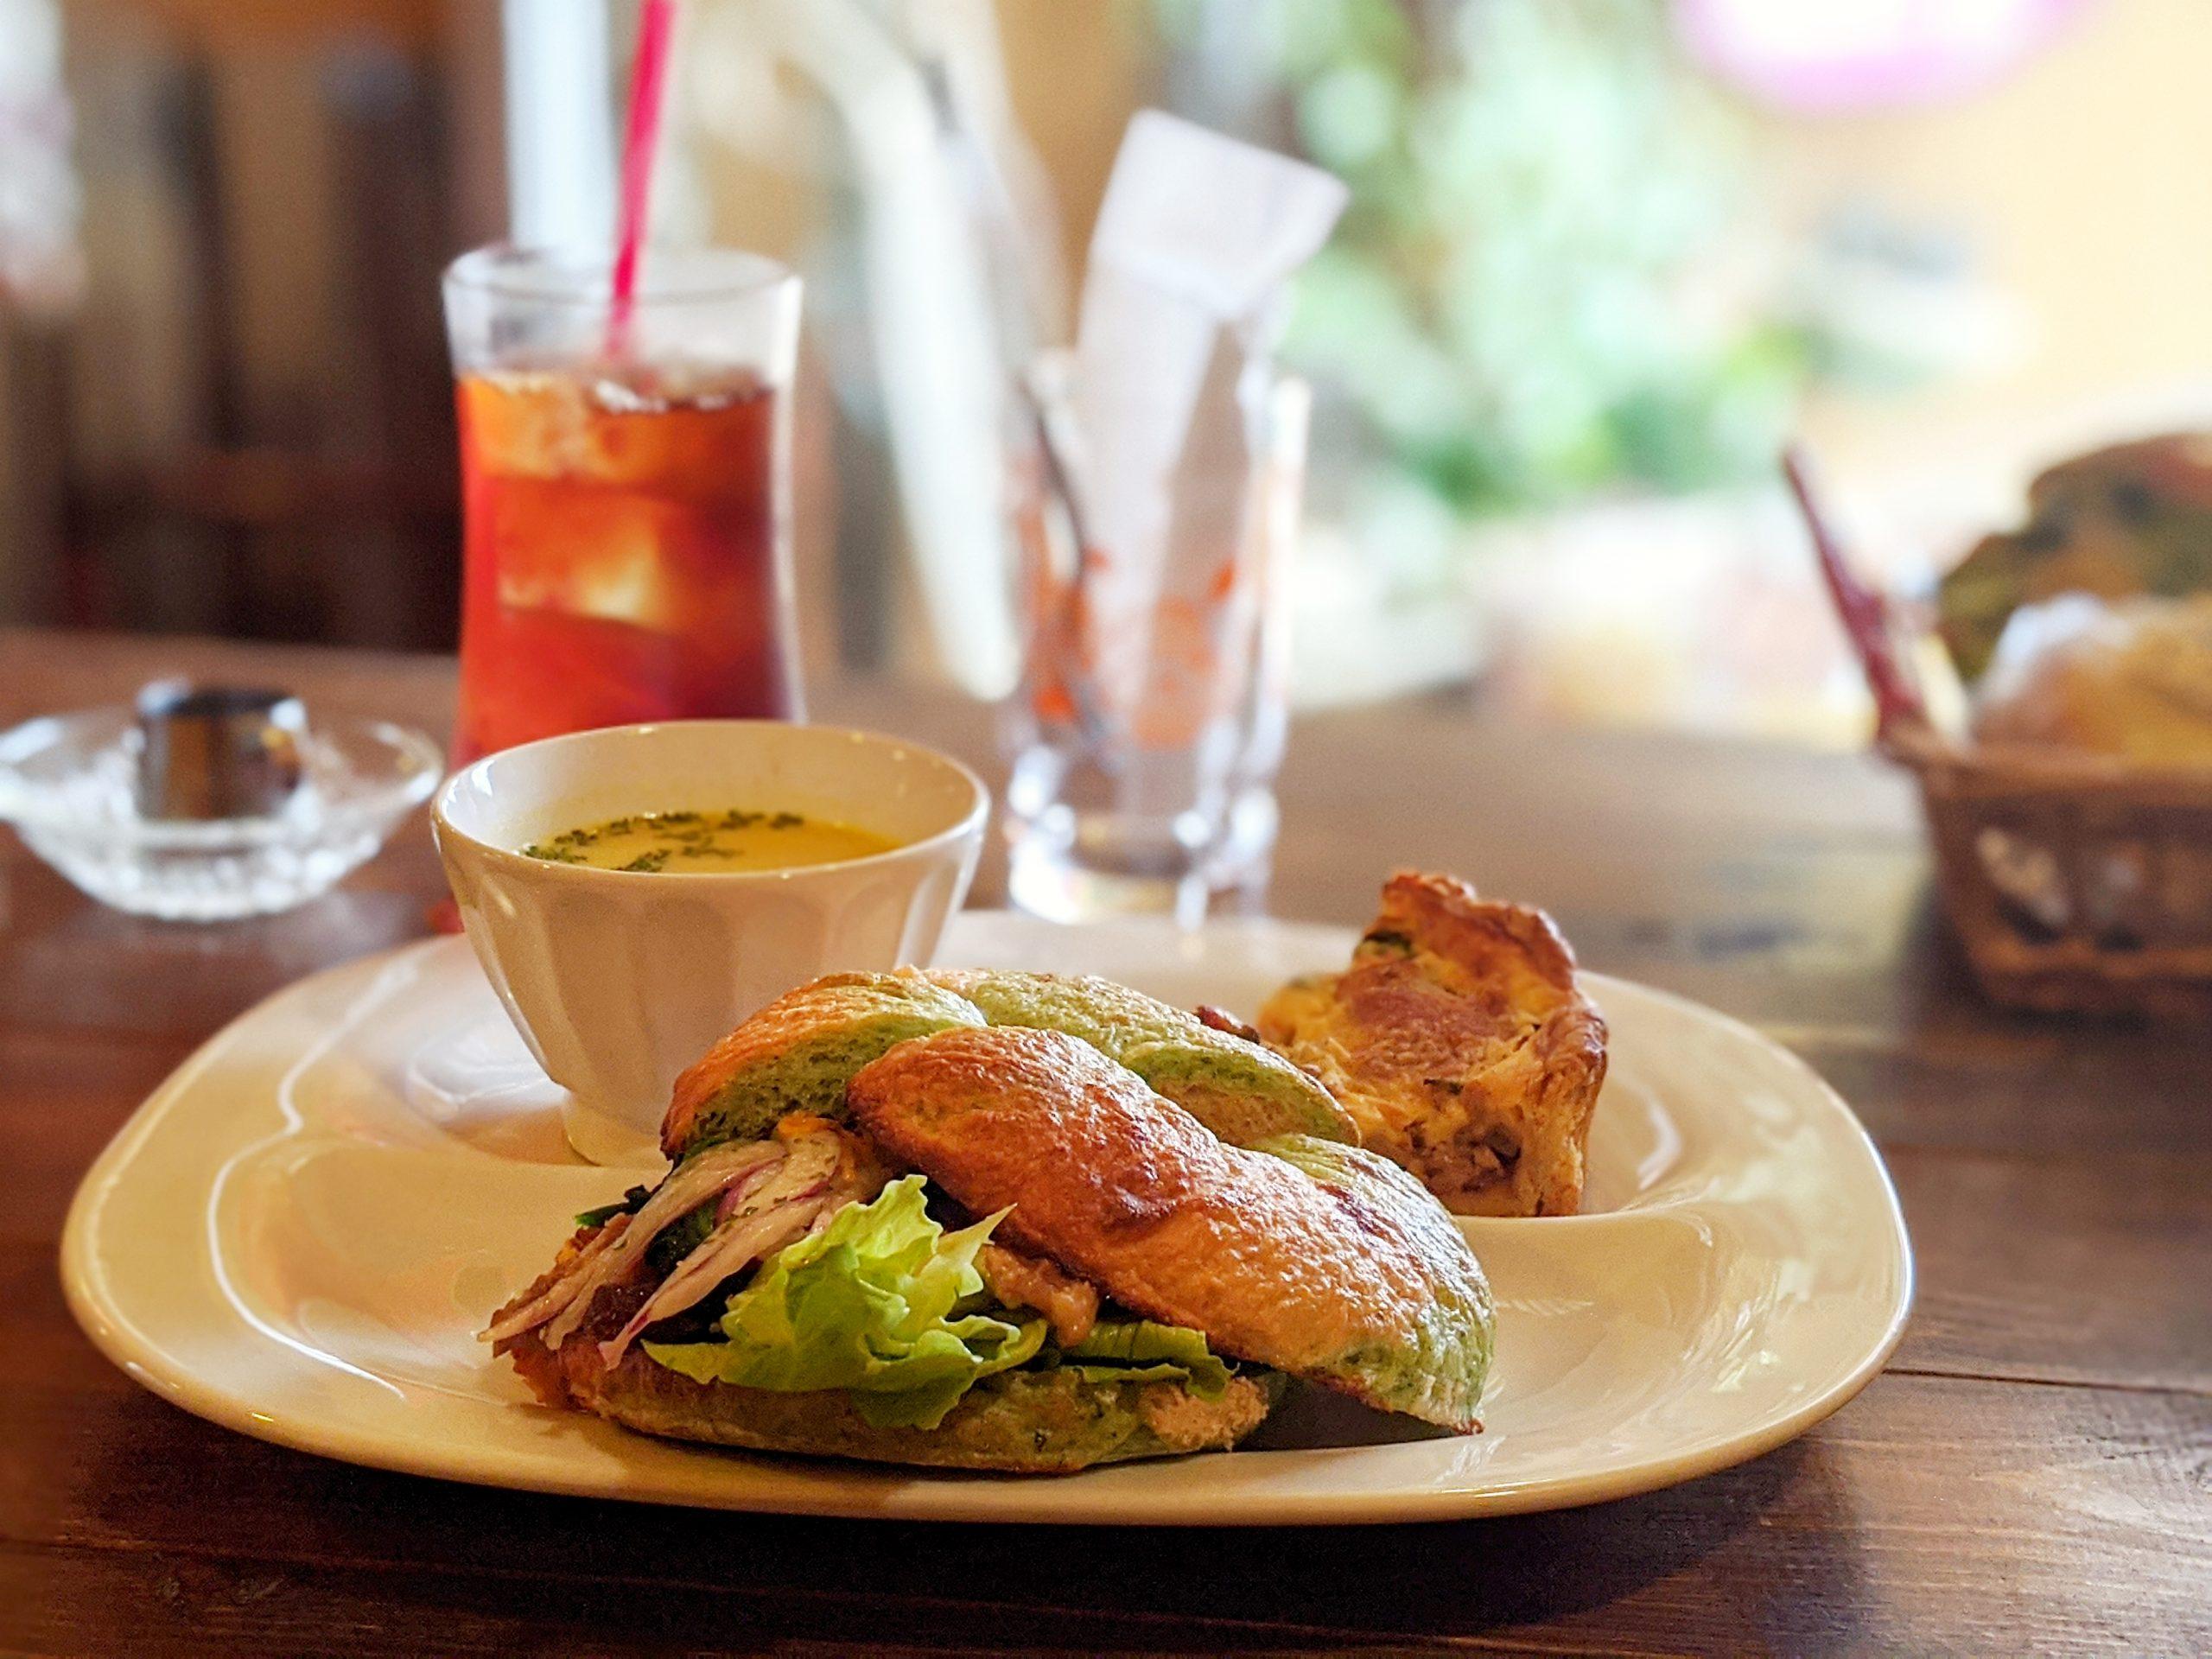 【西宮北口】ベーグルサンドが美味しい隠れ家『Sabio Cafe』で手づくりの温かさに癒される